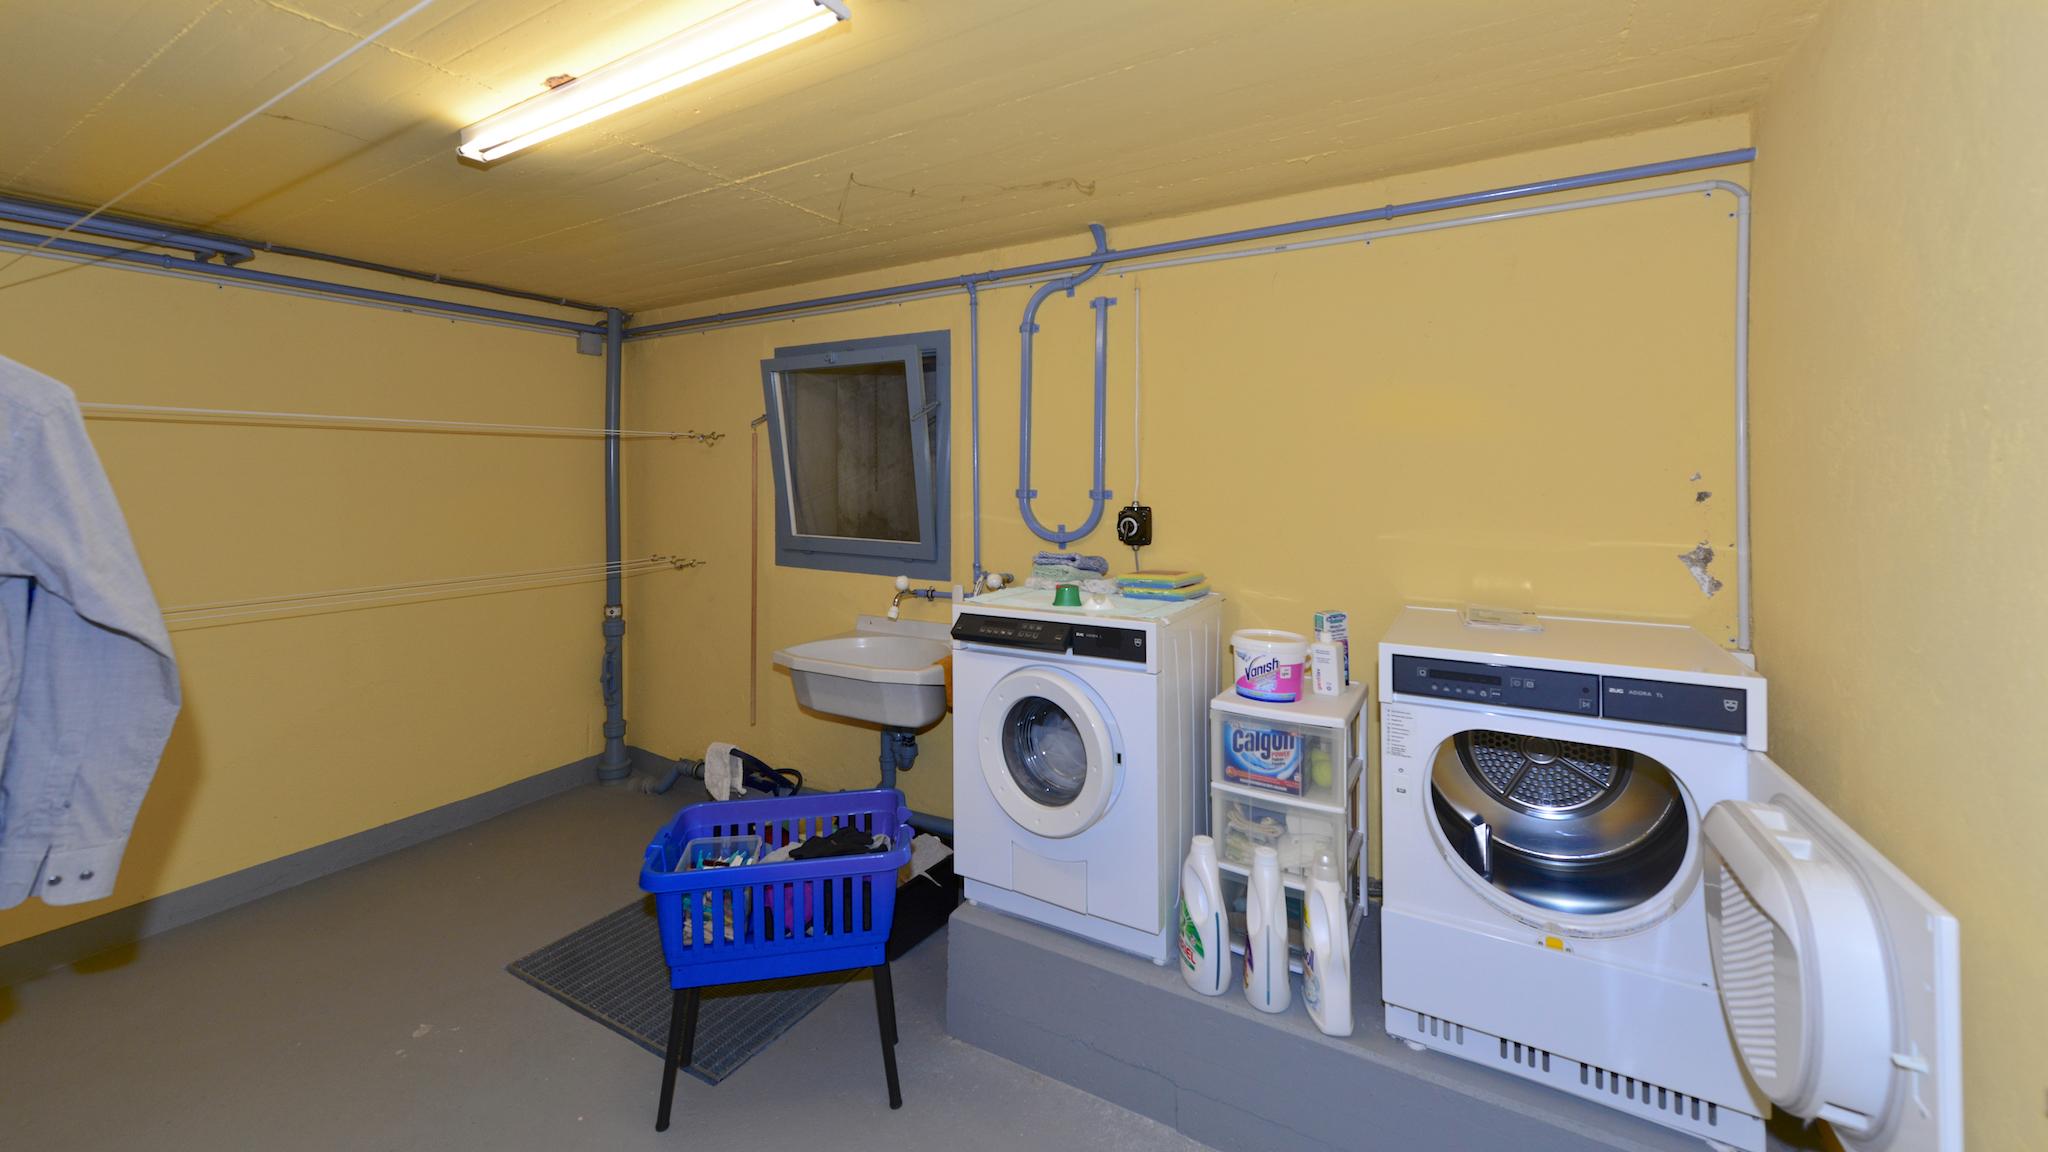 Waschküche im Untergeschoss